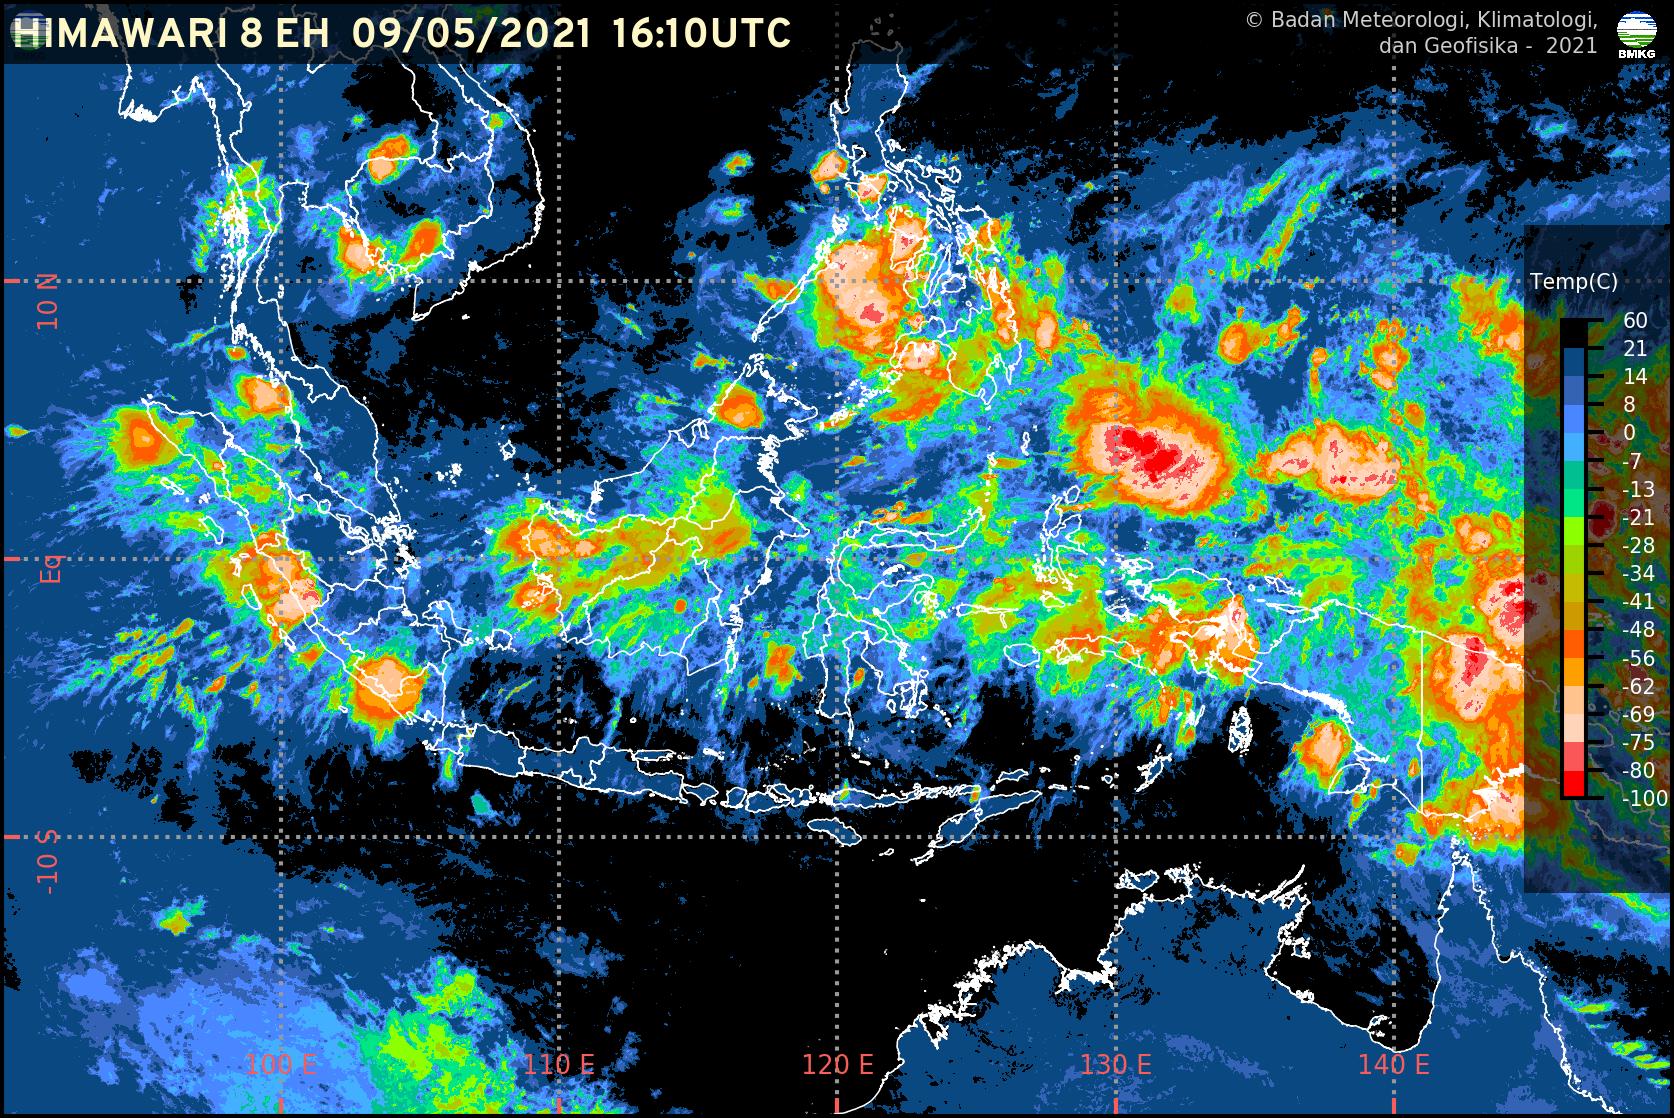 BMKG: Waspada Potensi Cuaca Ekstrem di Wilayah Indonesia dalam Sepekan ke Depan (10-17 Mei 2021)